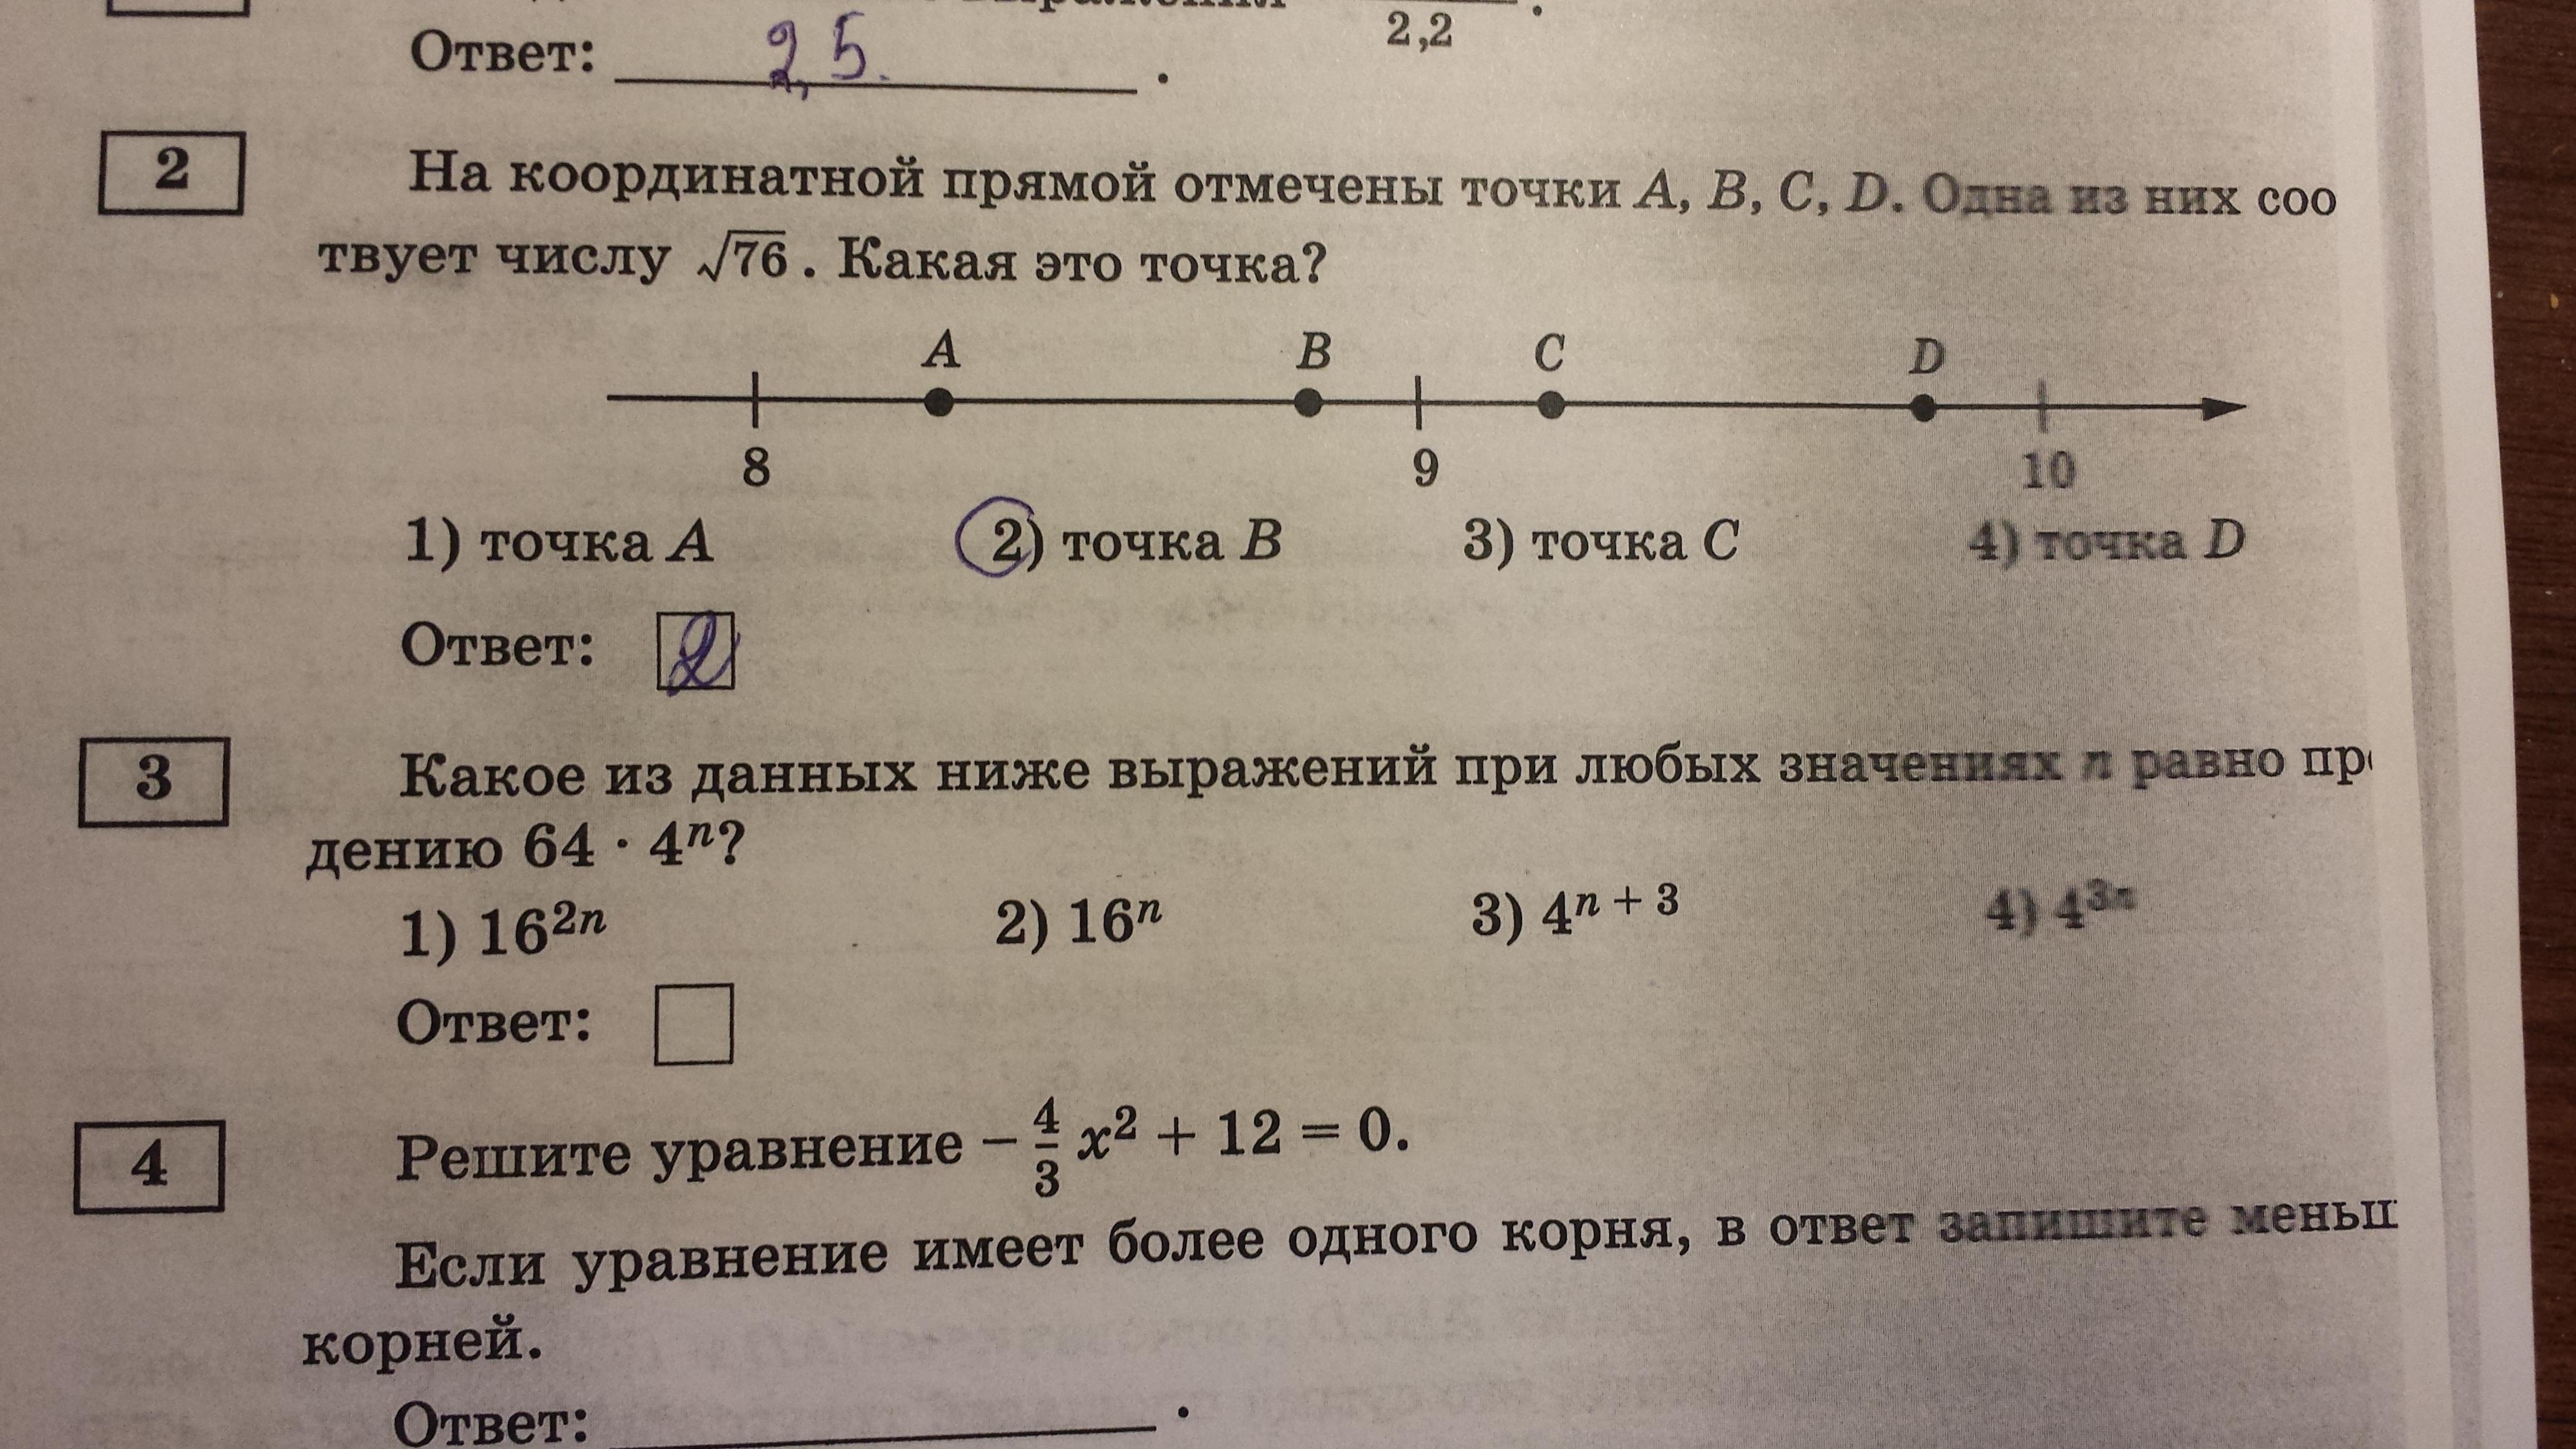 Помогите пожалуйста решить примеры номер3,4